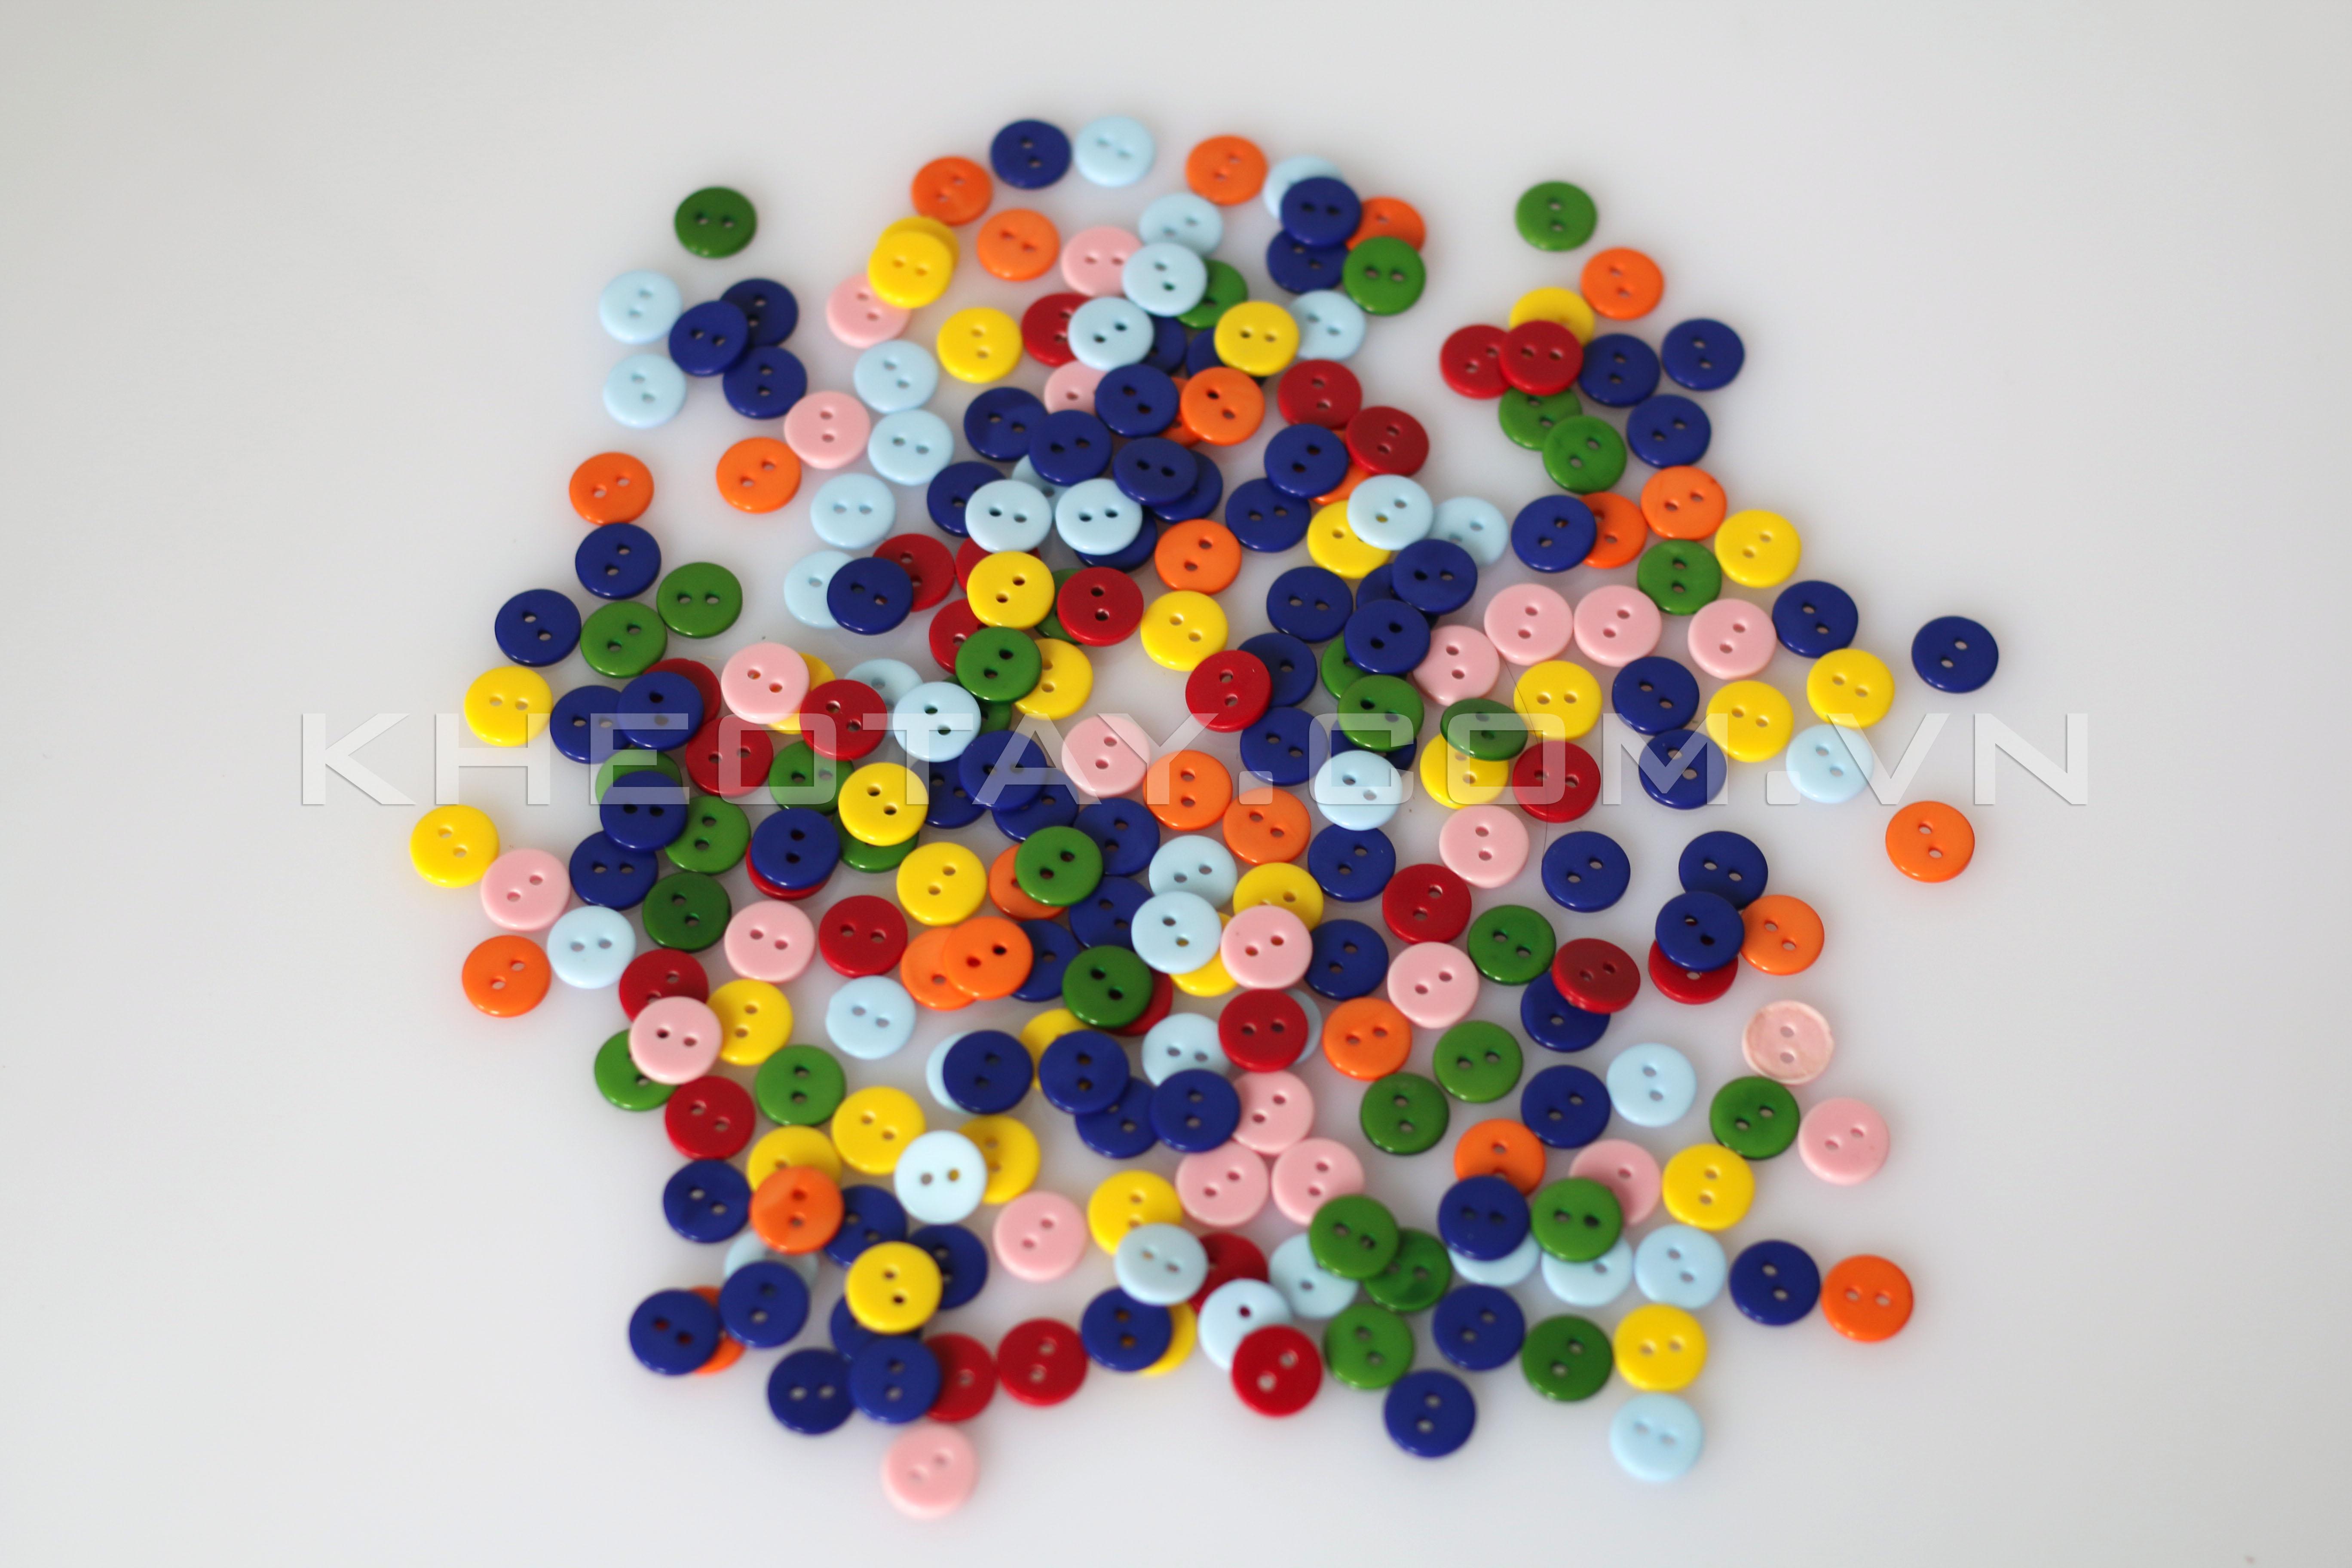 Khuy nhựa cổ điển nhiều màu